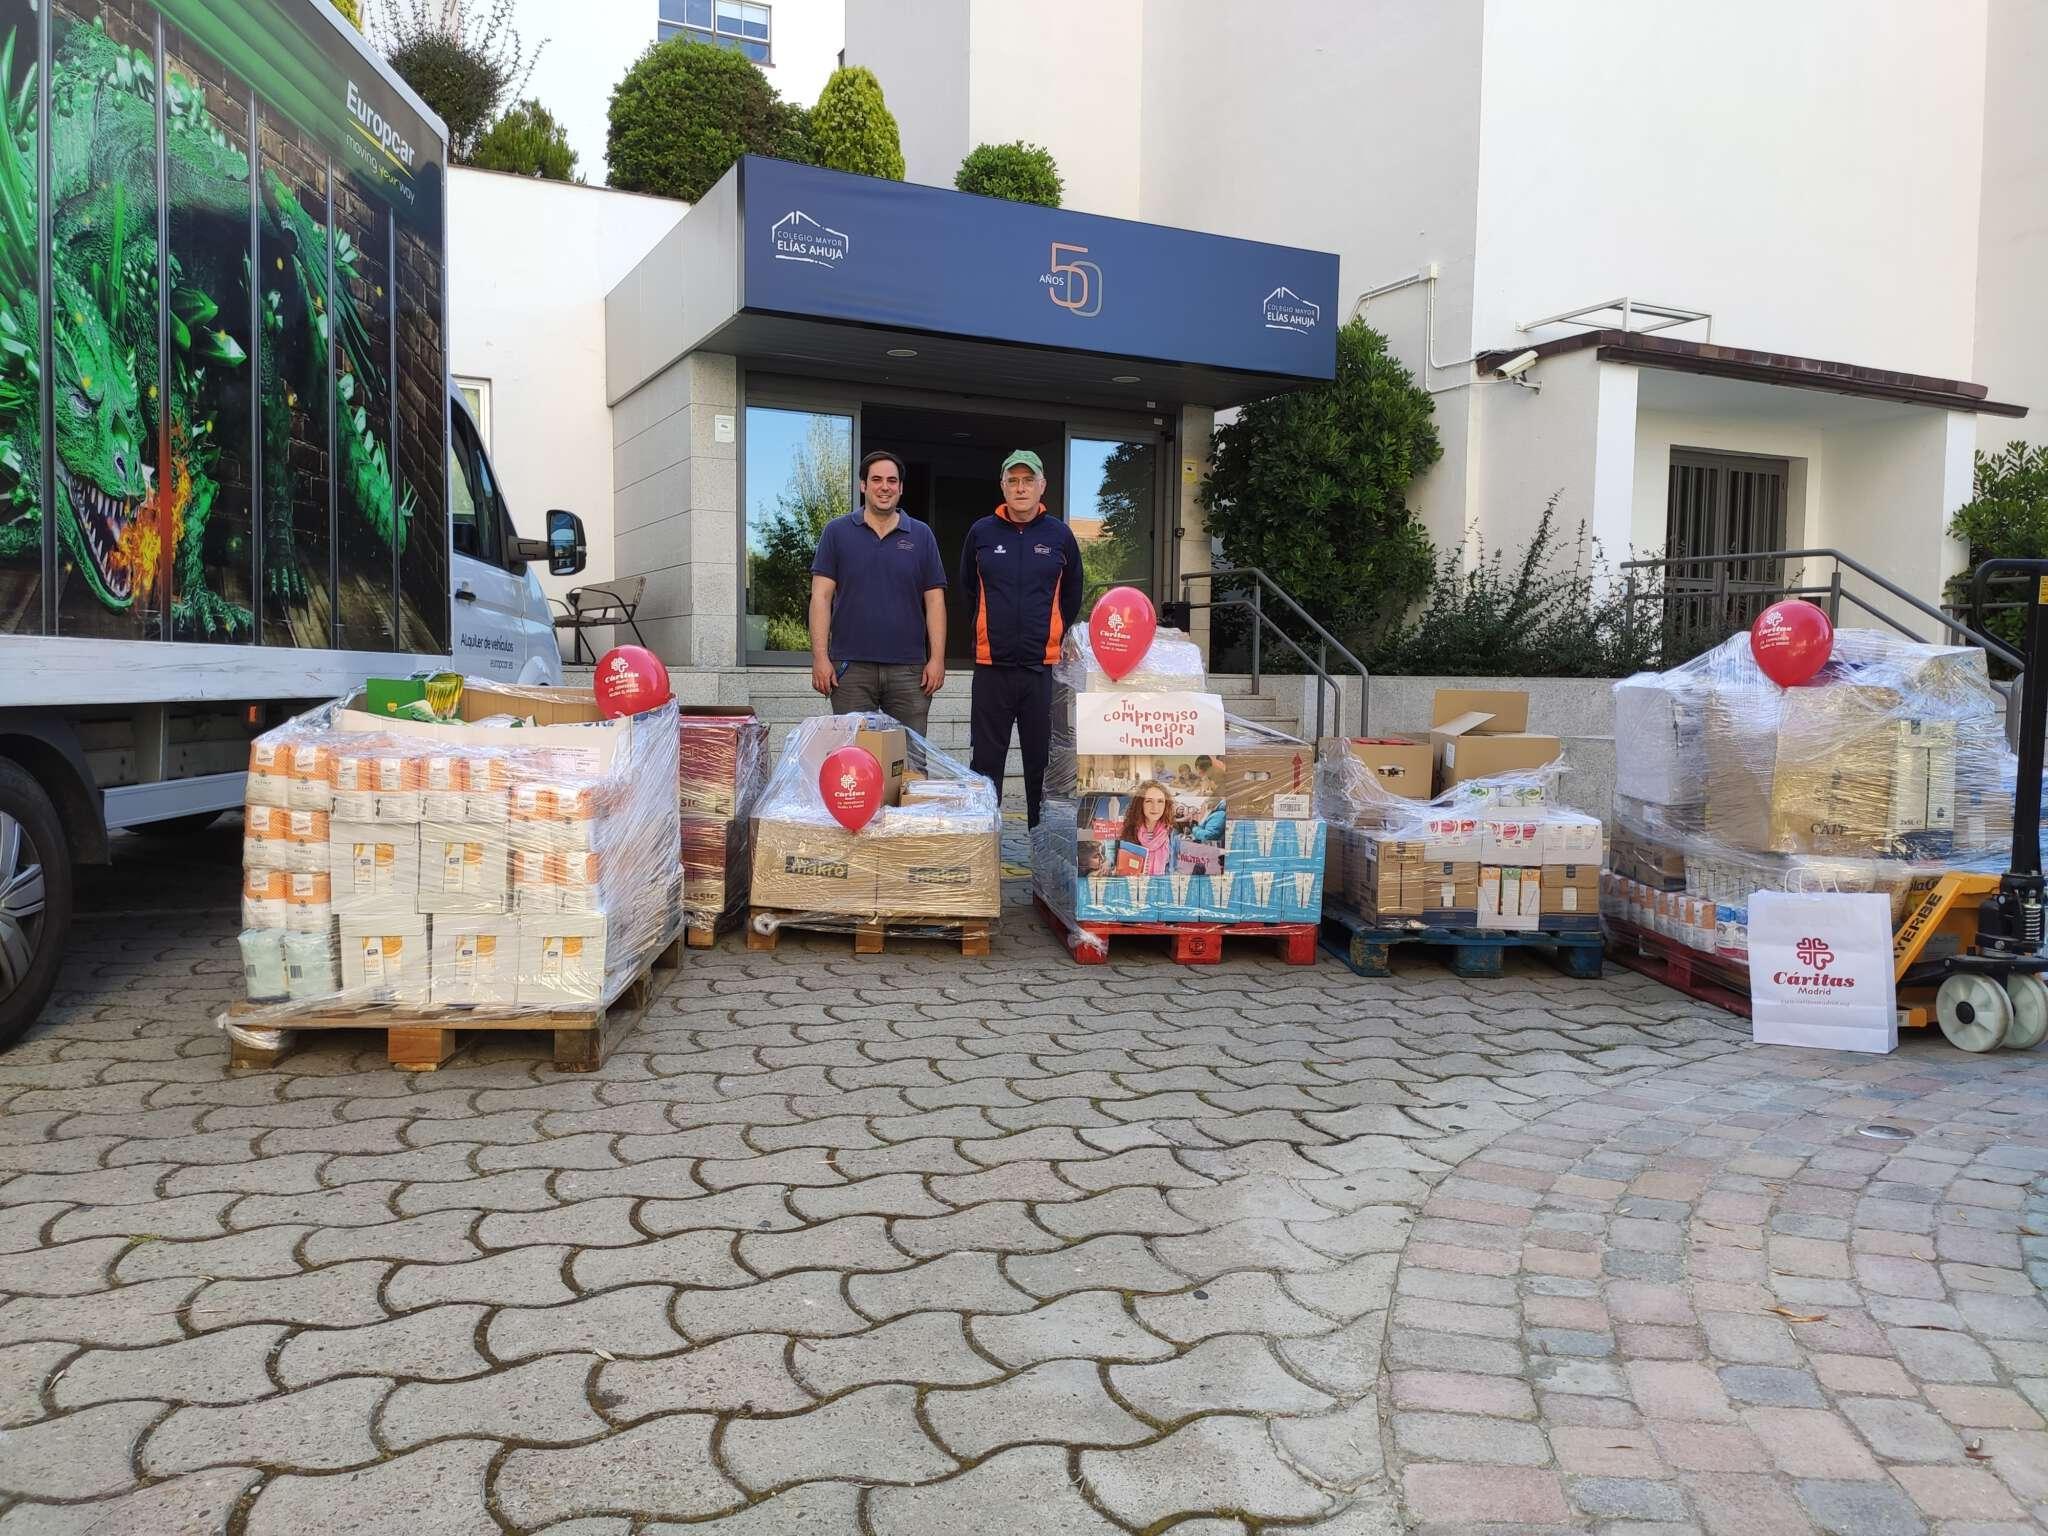 Los estudiantes del Colegio Mayor Elías Ahuja han lanzado una campaña solidaria con el dinerio que habían recaudado para la fiesta de fin de curso.